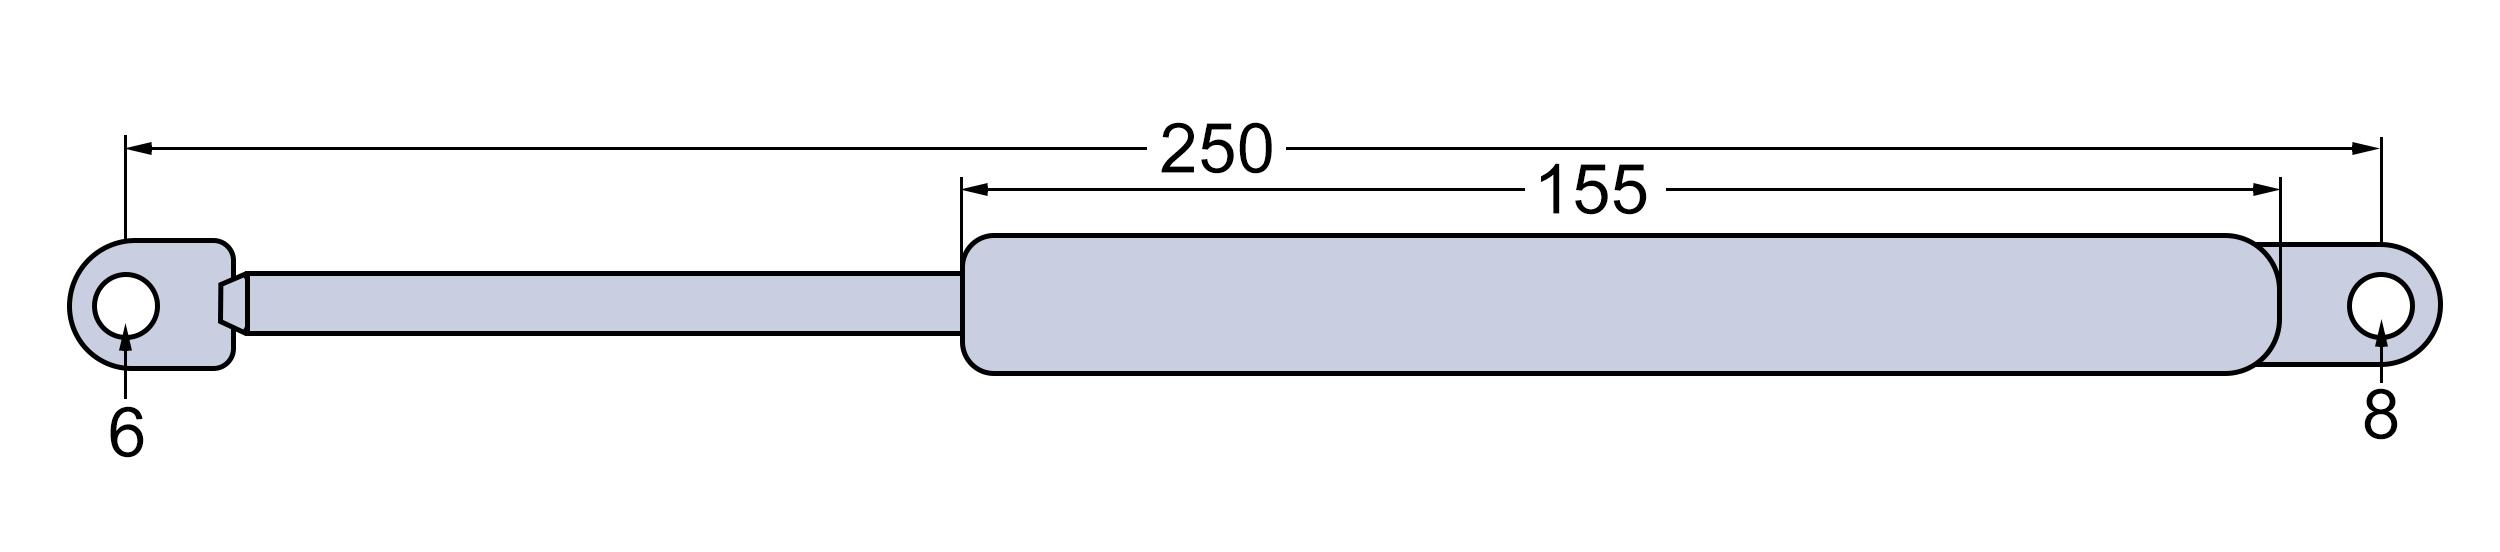 Gasdruckfeder Dachluke für Case IH//IHC 644 744 844 946 955 1046 1055 1246-1455